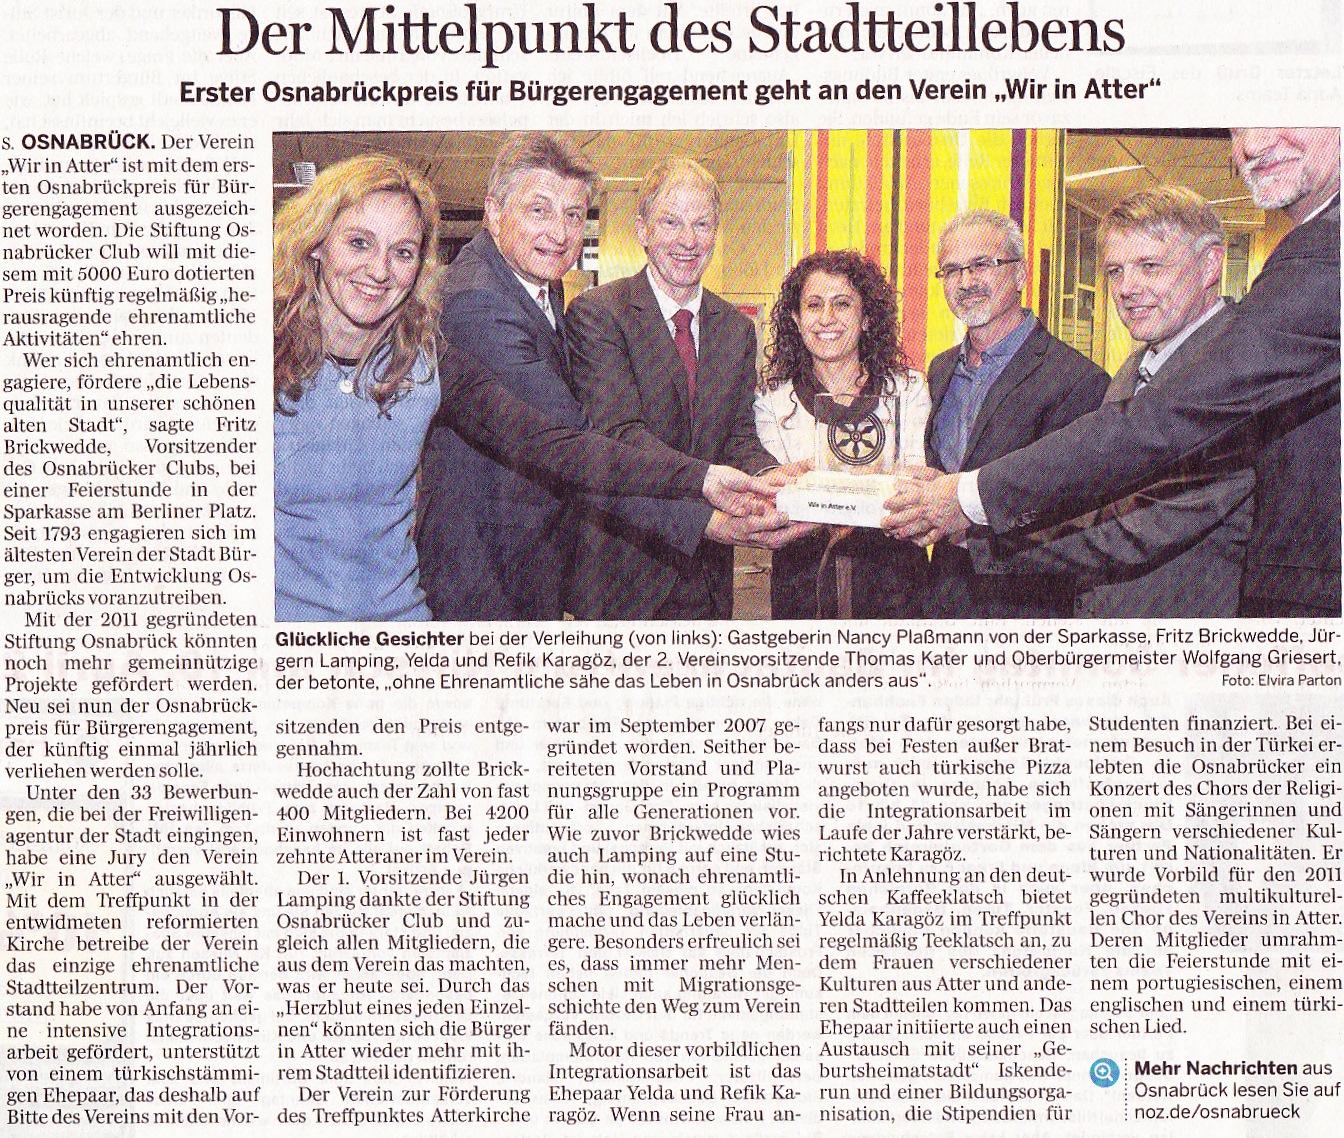 Neue Osnabrücker Zeitung vom 9.04.20